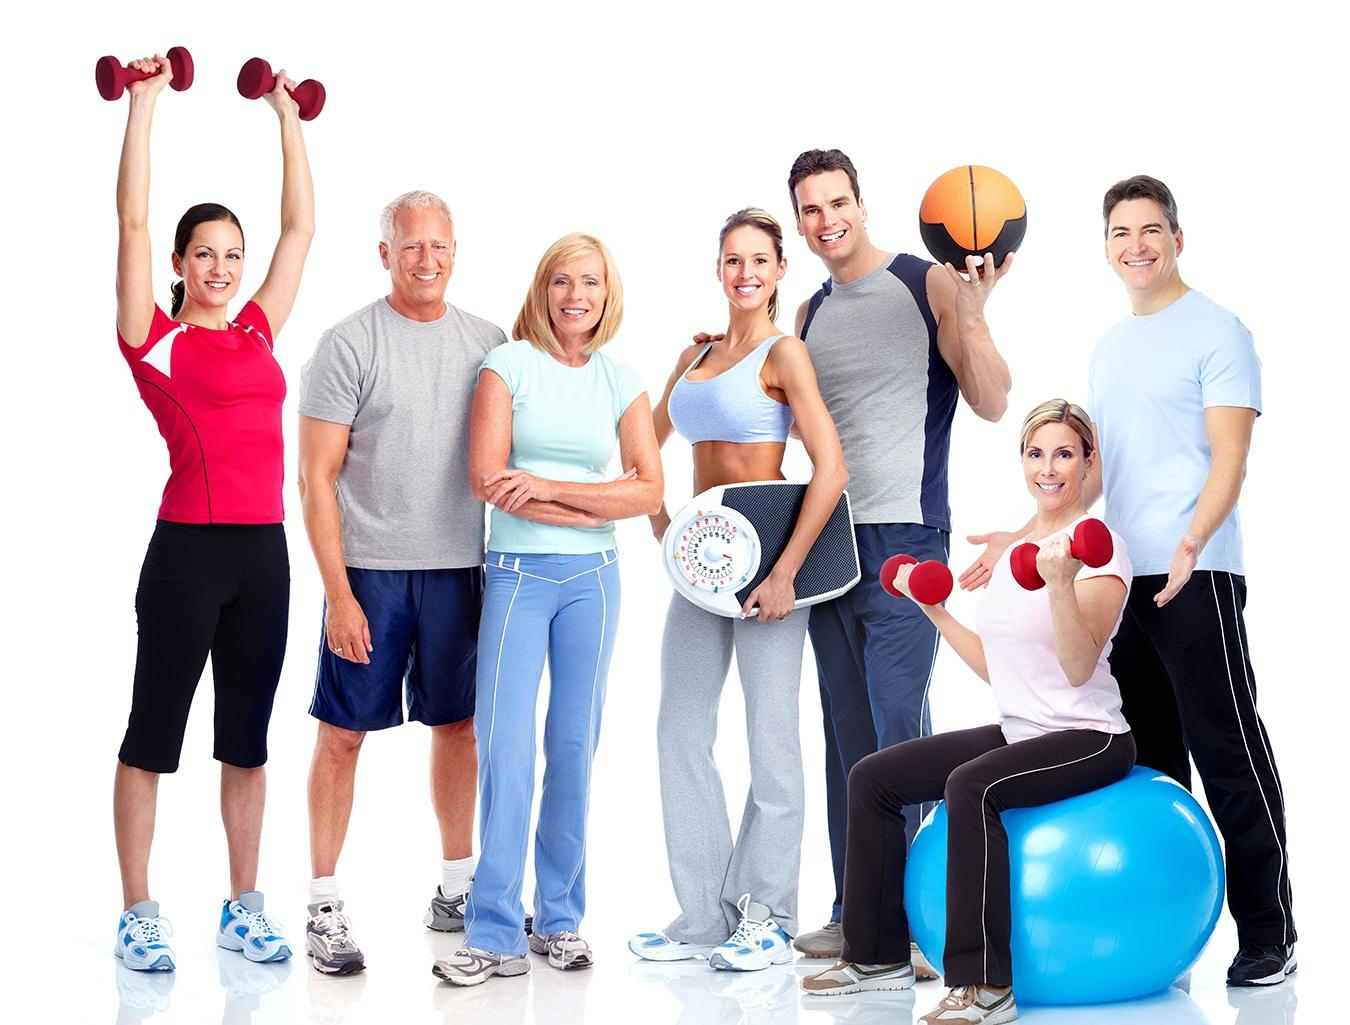 Le sport fait-il vieillir plus vite nos cellules ?